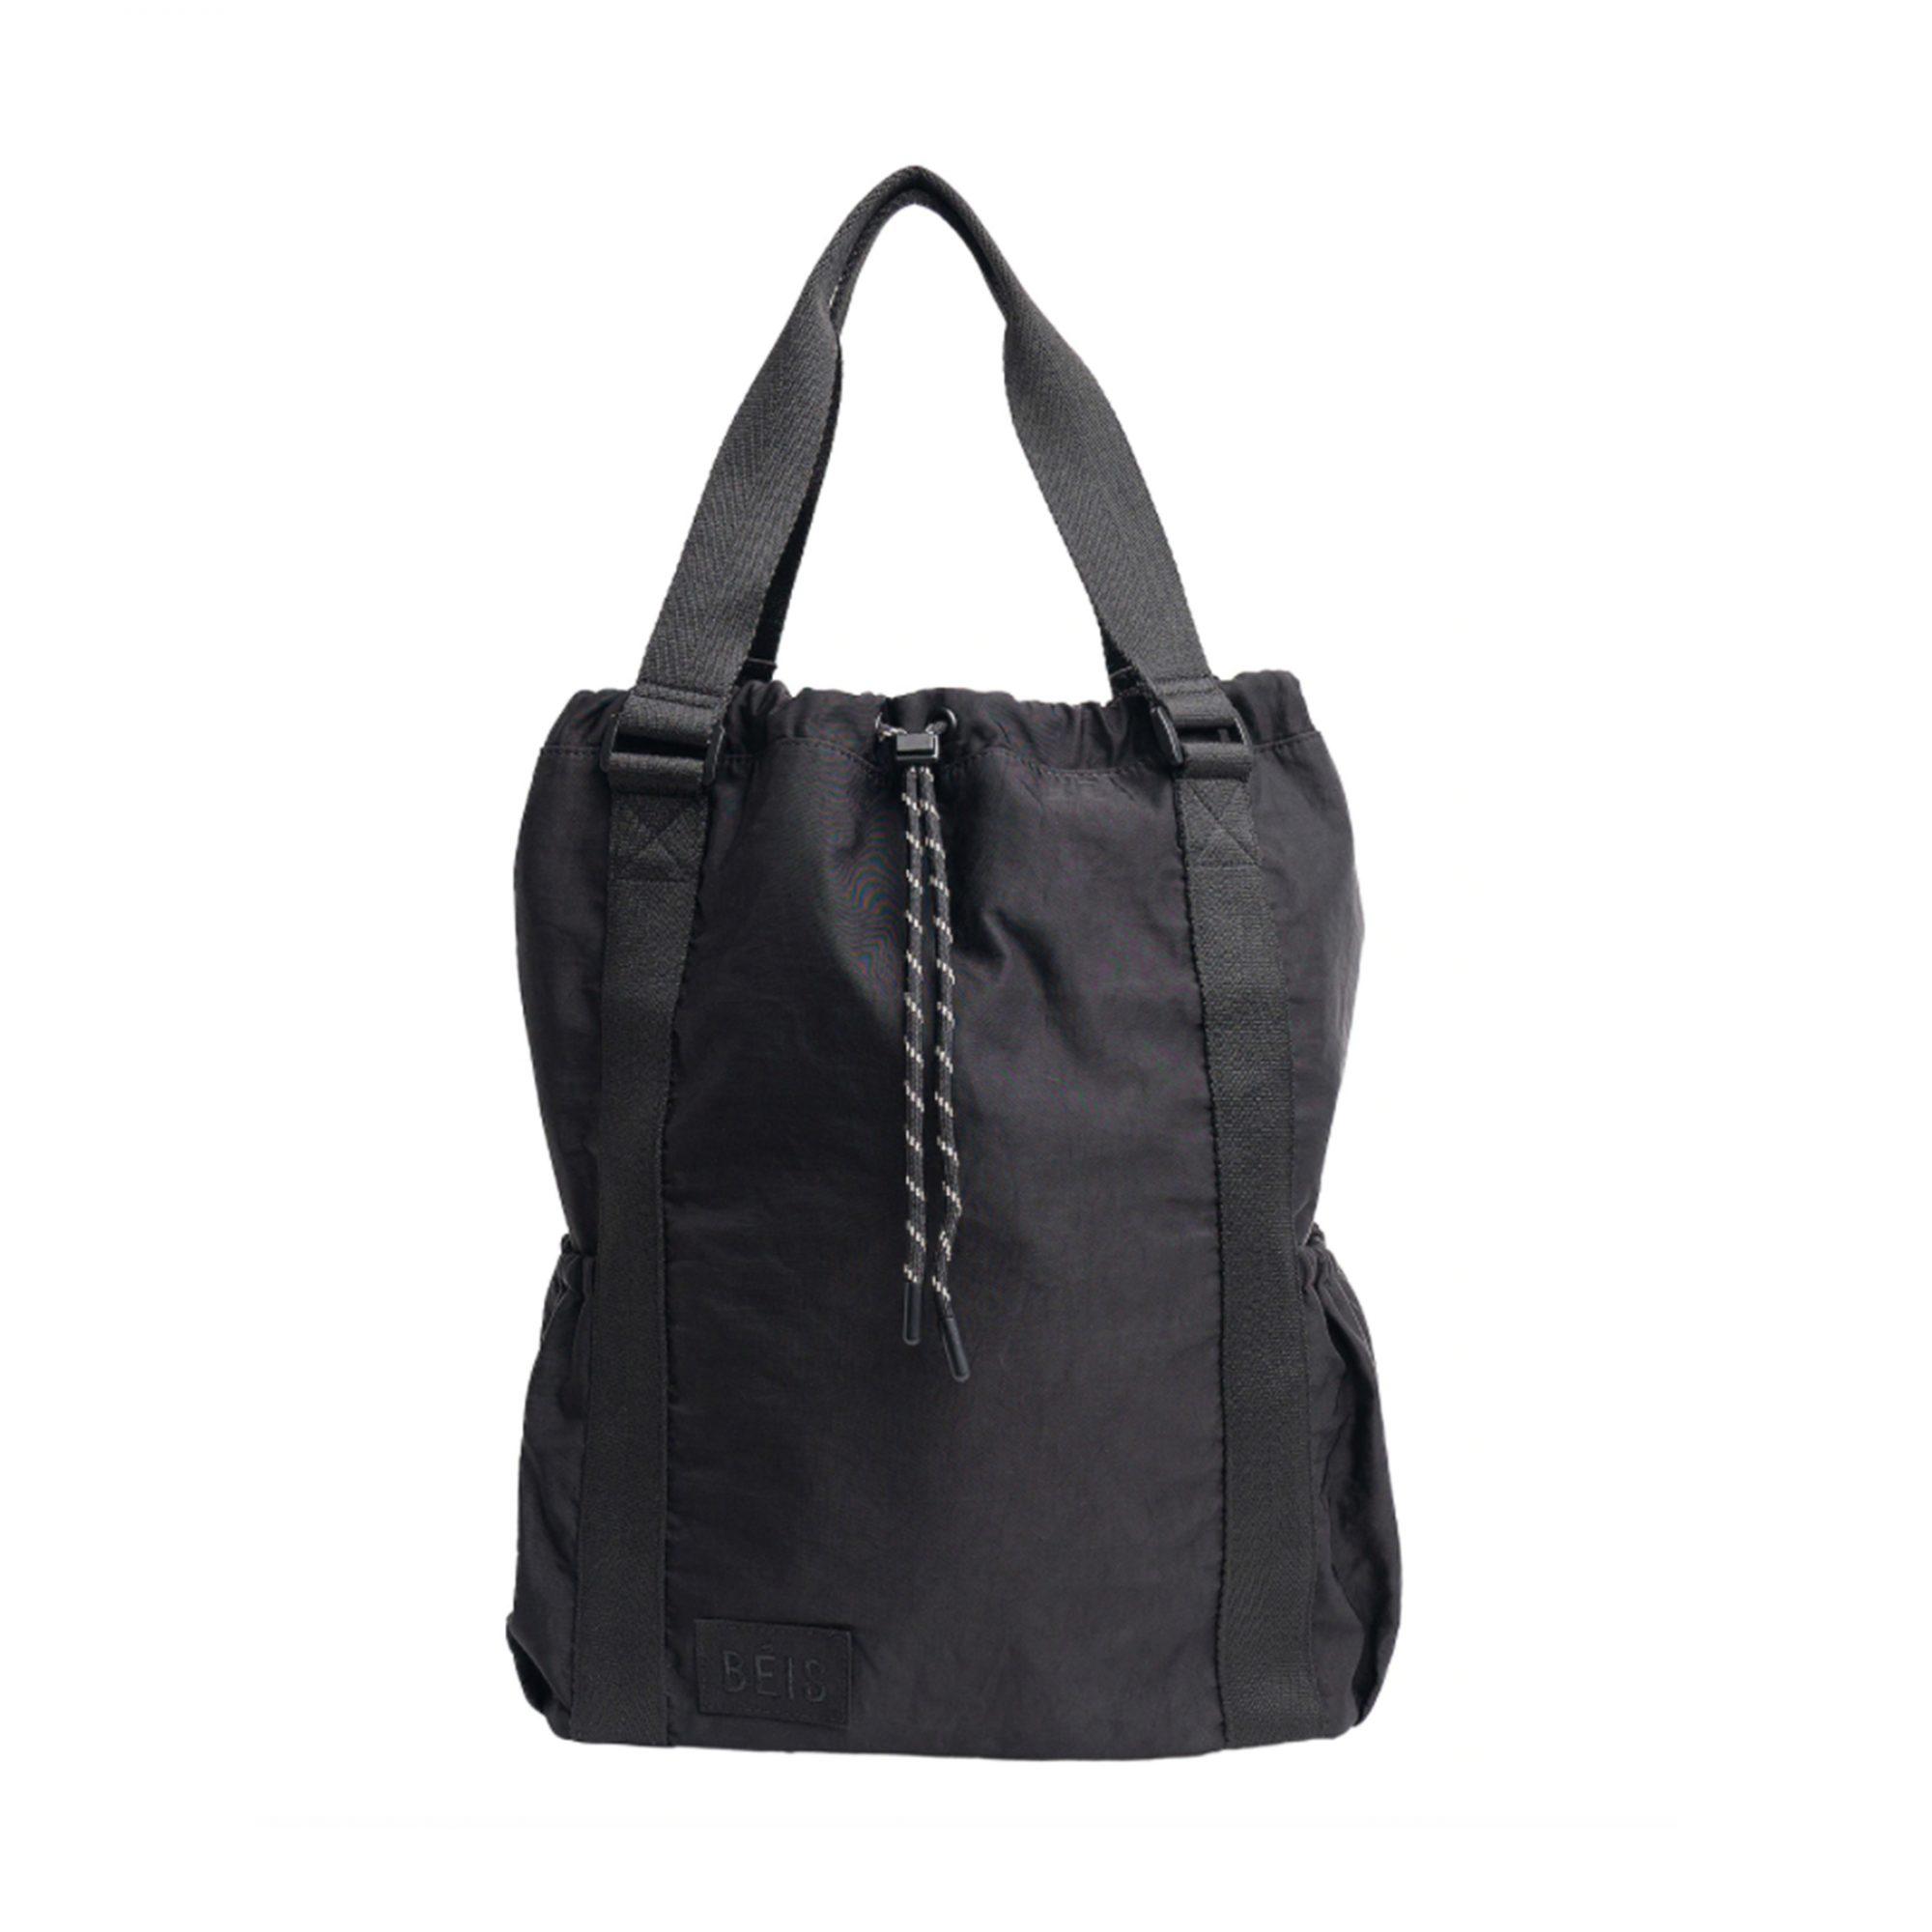 beis-tote, best-travel-bag